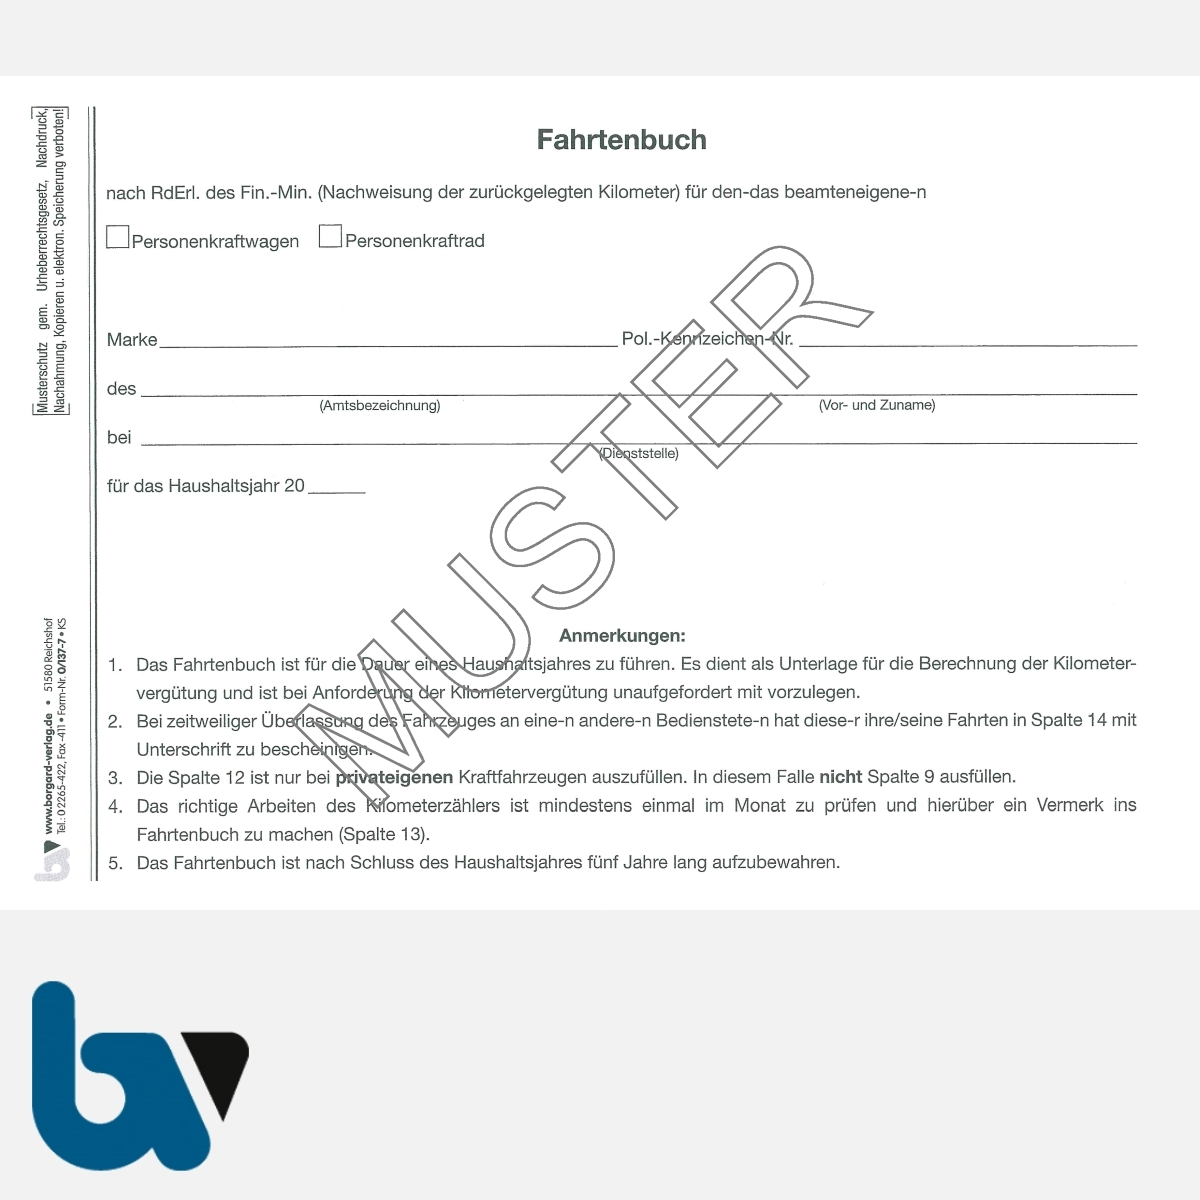 0/137-7 Fahrtenbuch Pkw Lkw Krankenwagen Feuerwehr beamteneigen Fahrzeug Dienstreise dienstlich Verwaltung Behörde DIN A5 Seite 2 | Borgard Verlag GmbH